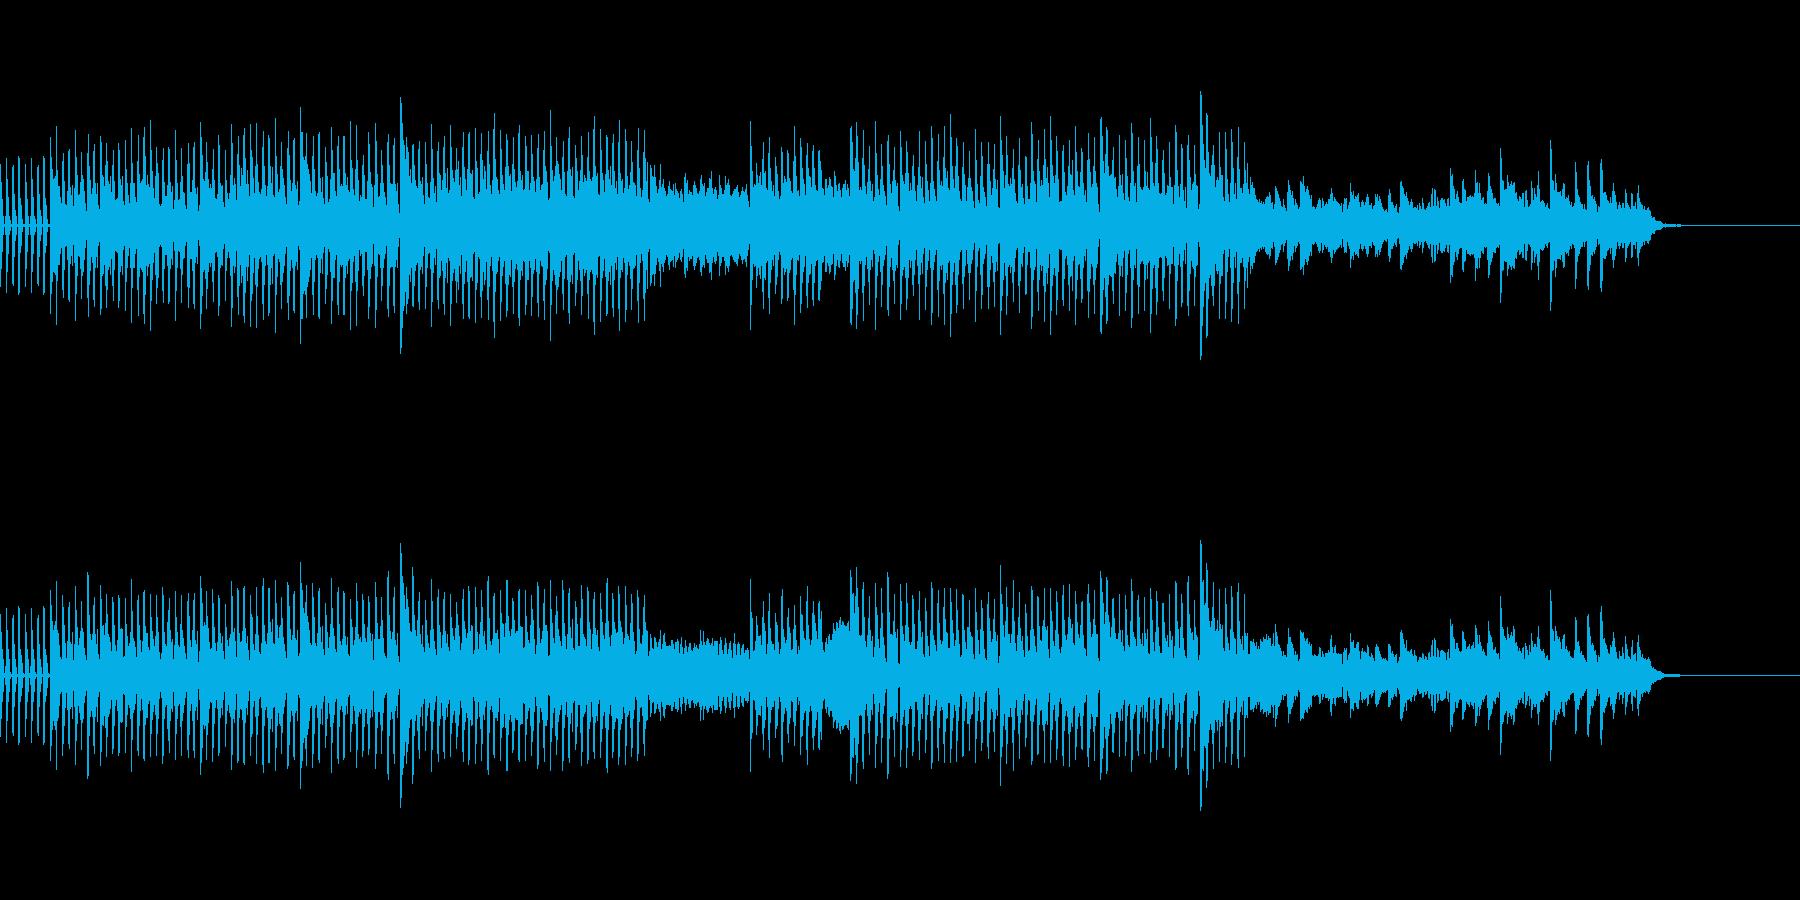 神秘を追いかける発掘感ある楽曲の再生済みの波形